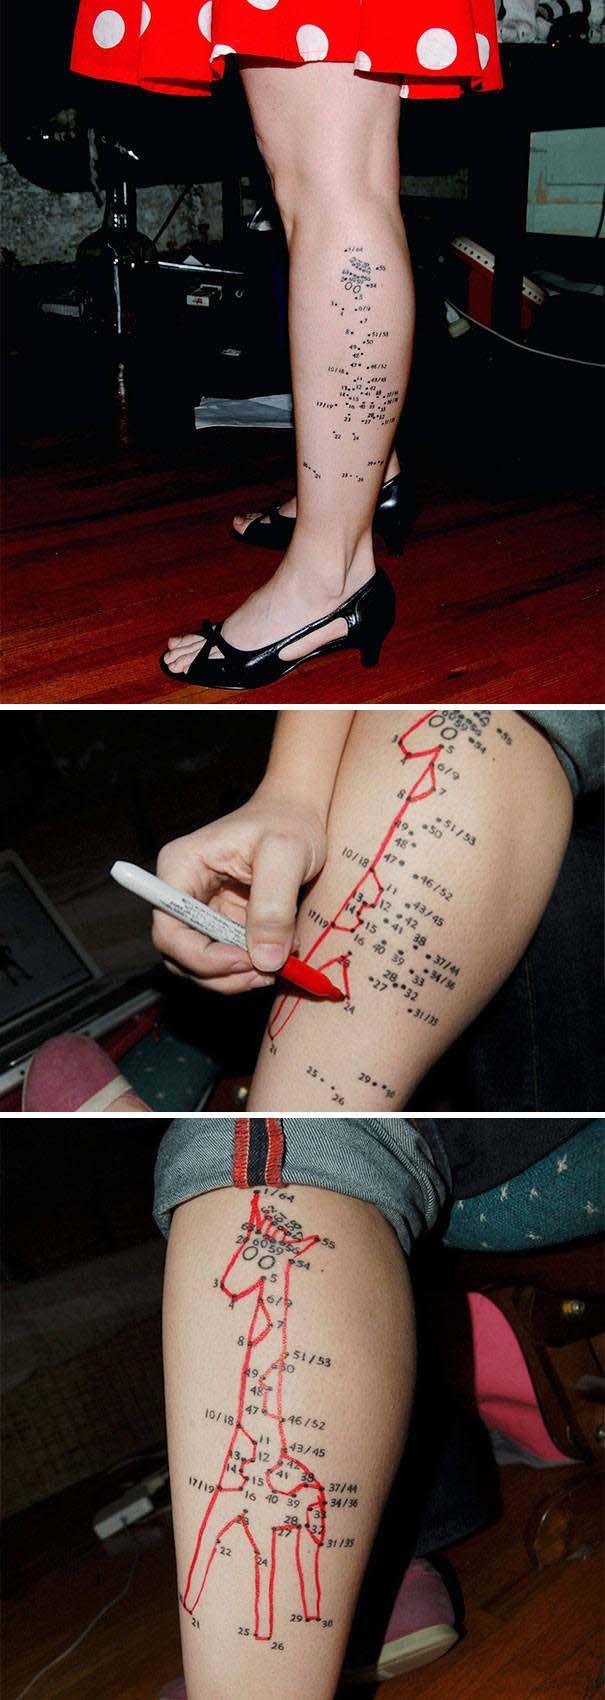 19 τατουάζ με κρυμμένα μηνύματα ή εικόνες (19)